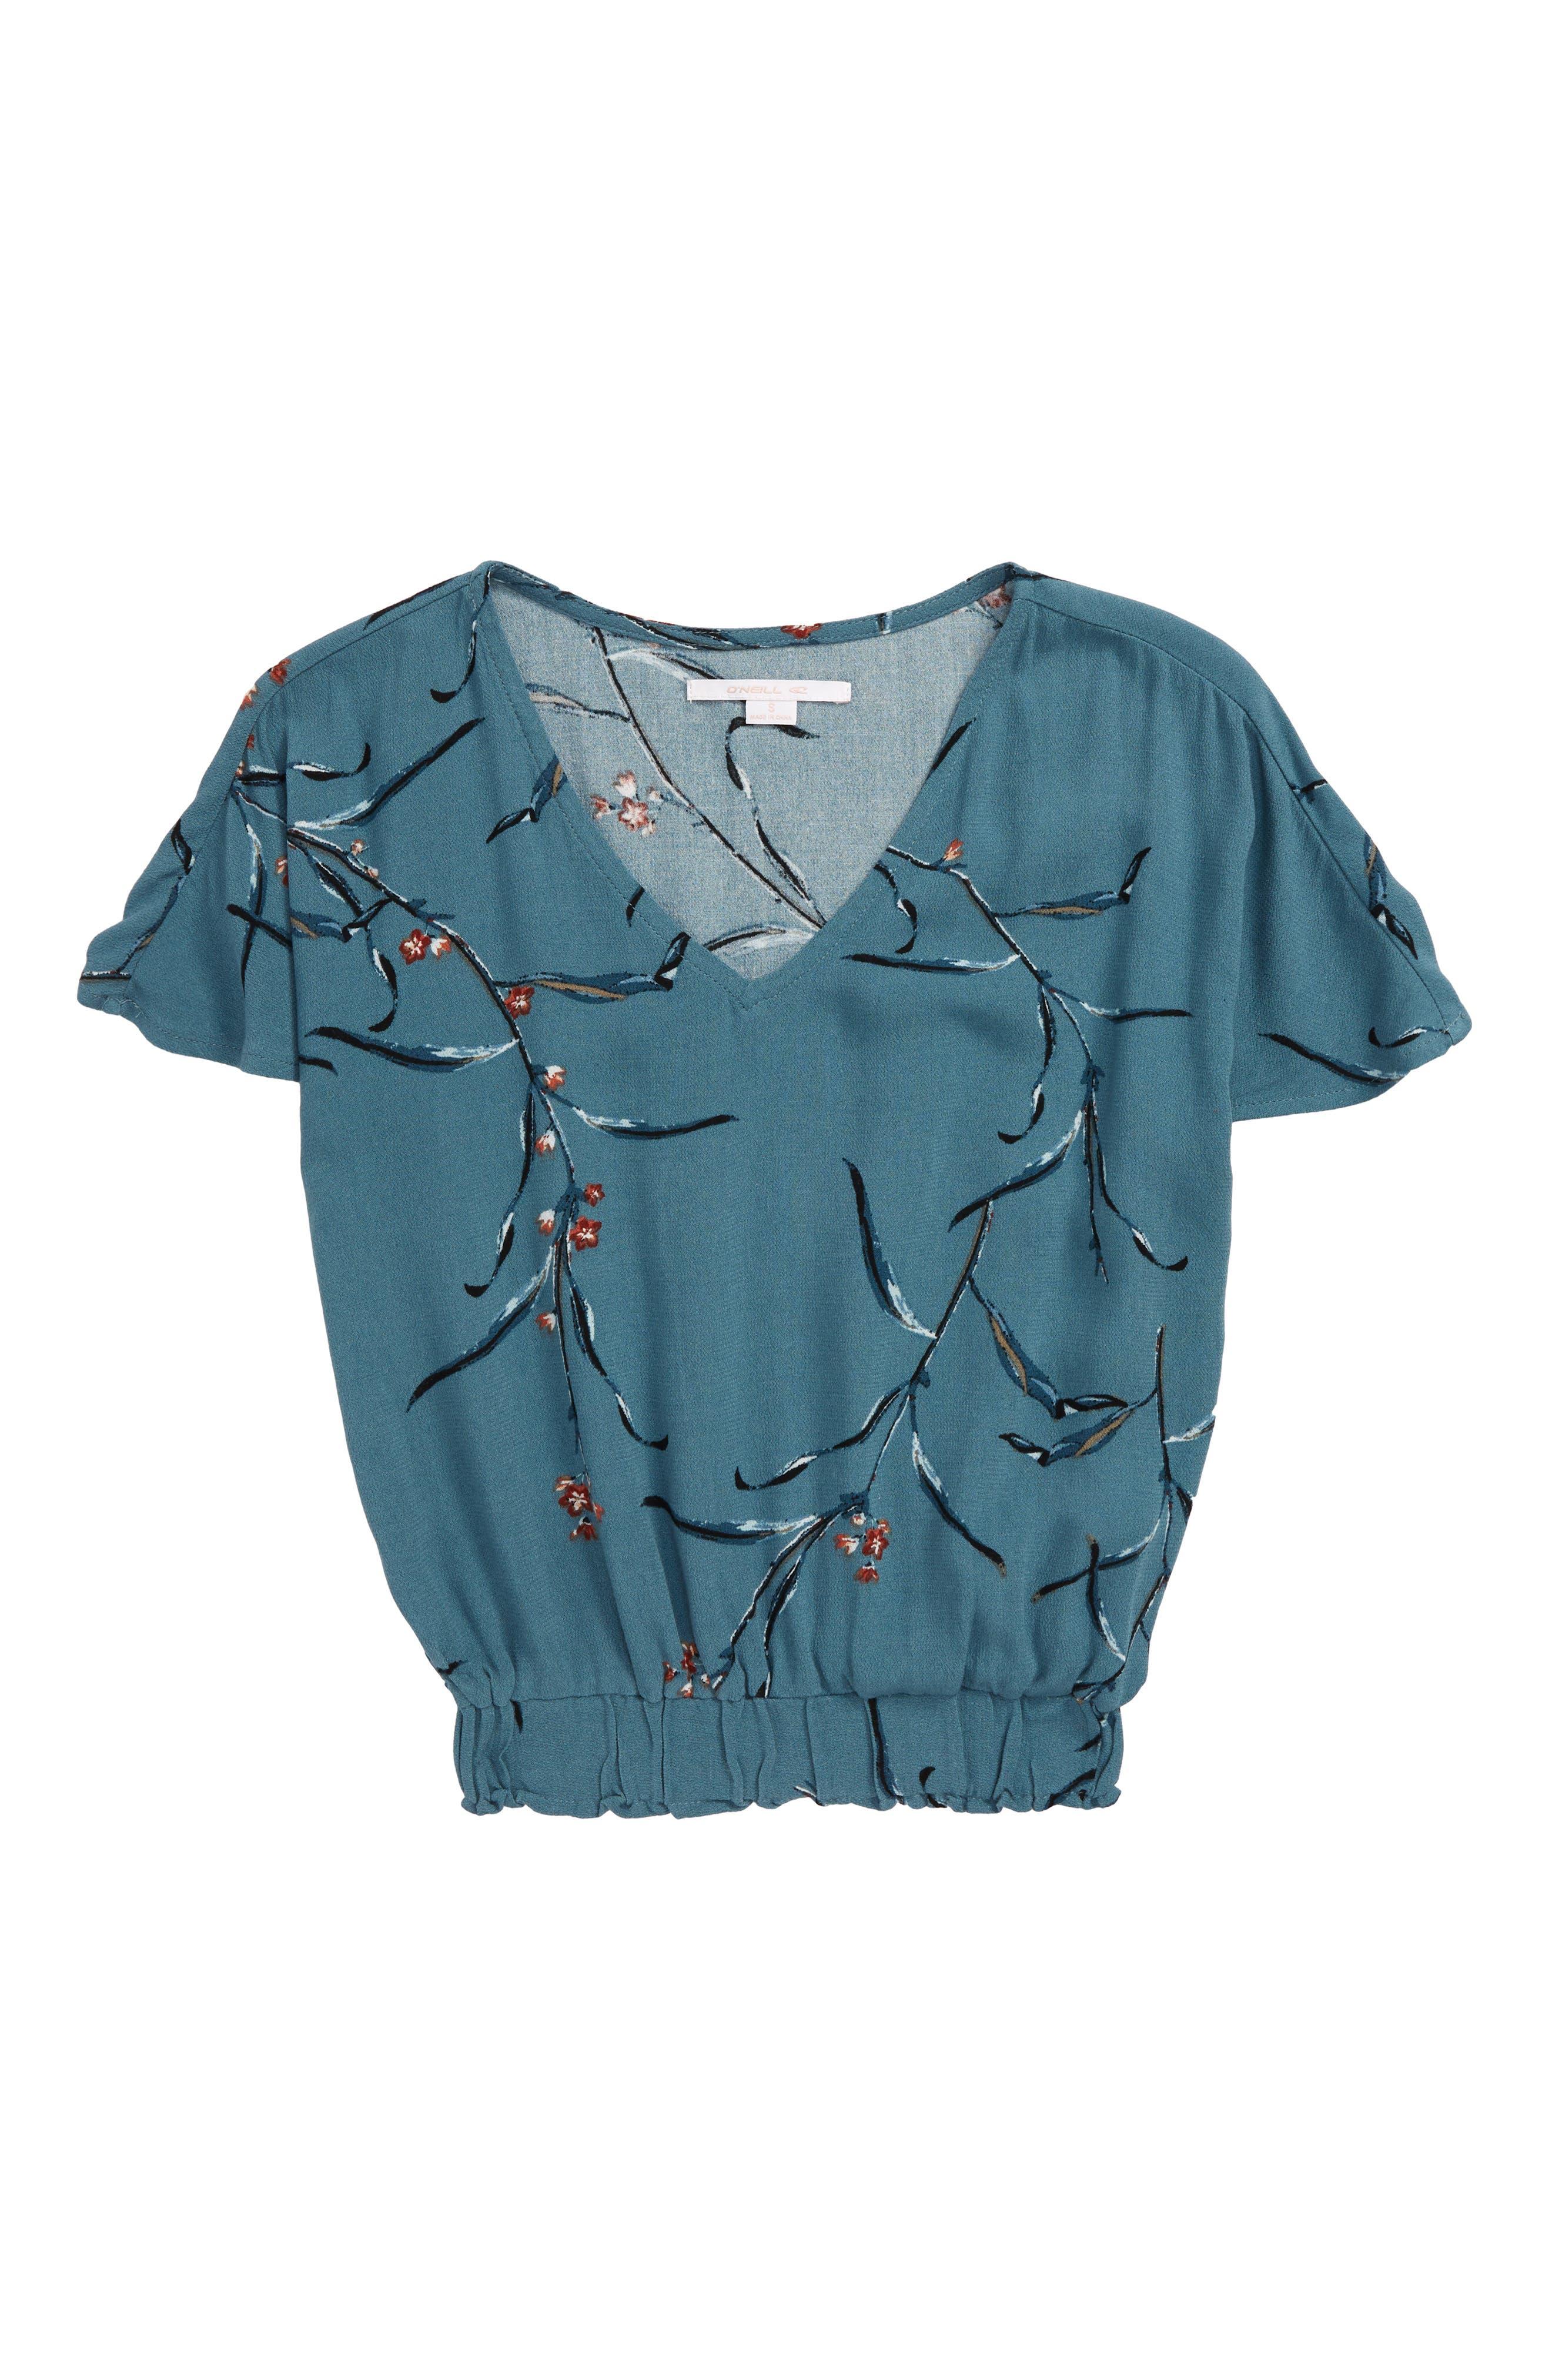 Girls ONeill Lucinda Woven Top Size S (78)  Blue